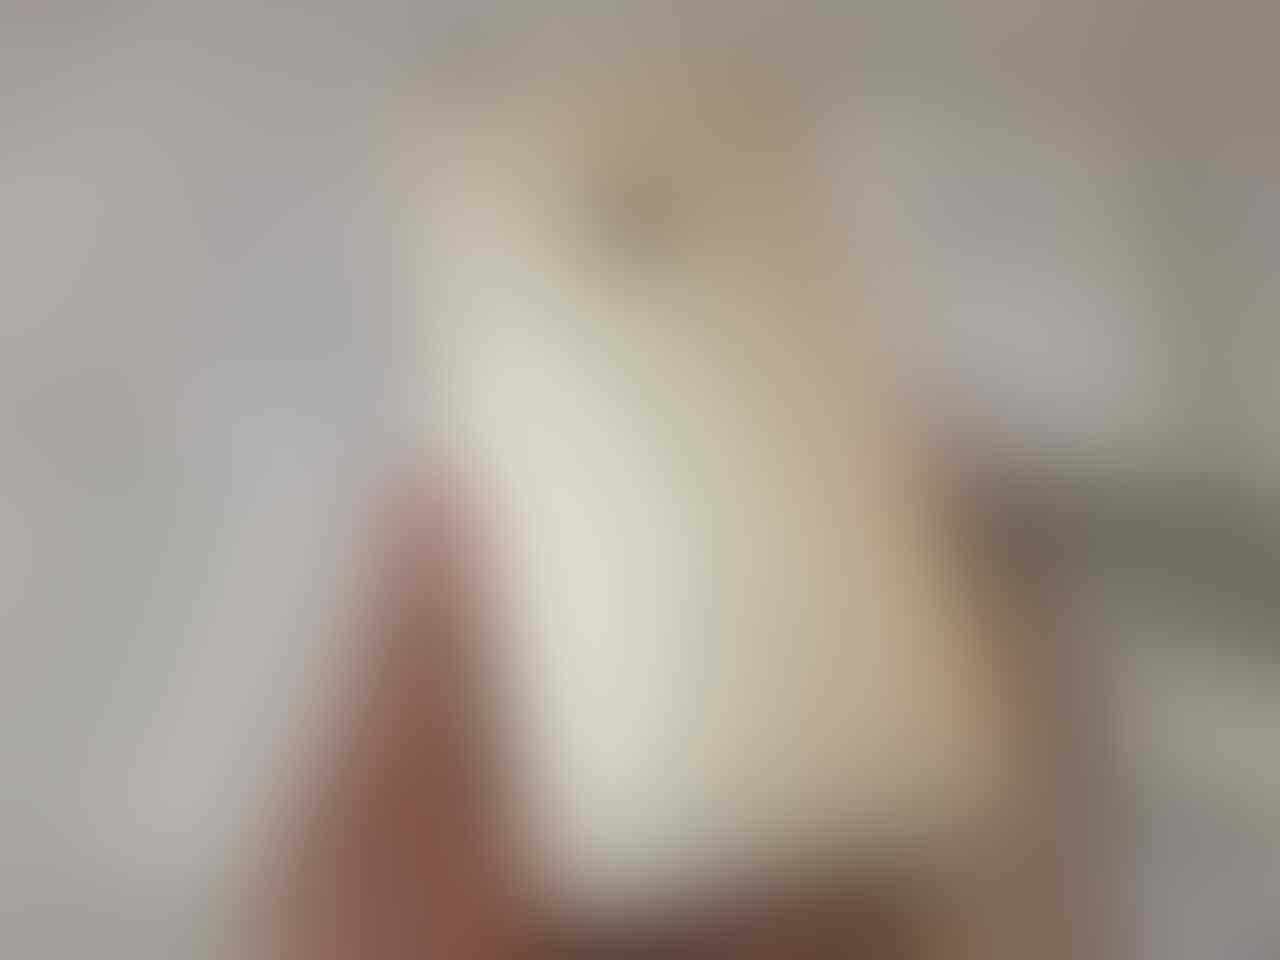 IPHONE 6 PLUS GOLD 64GB FULLSET FULL ORI NORMAL MURAAAHH 4100 SAJA [MALANG]